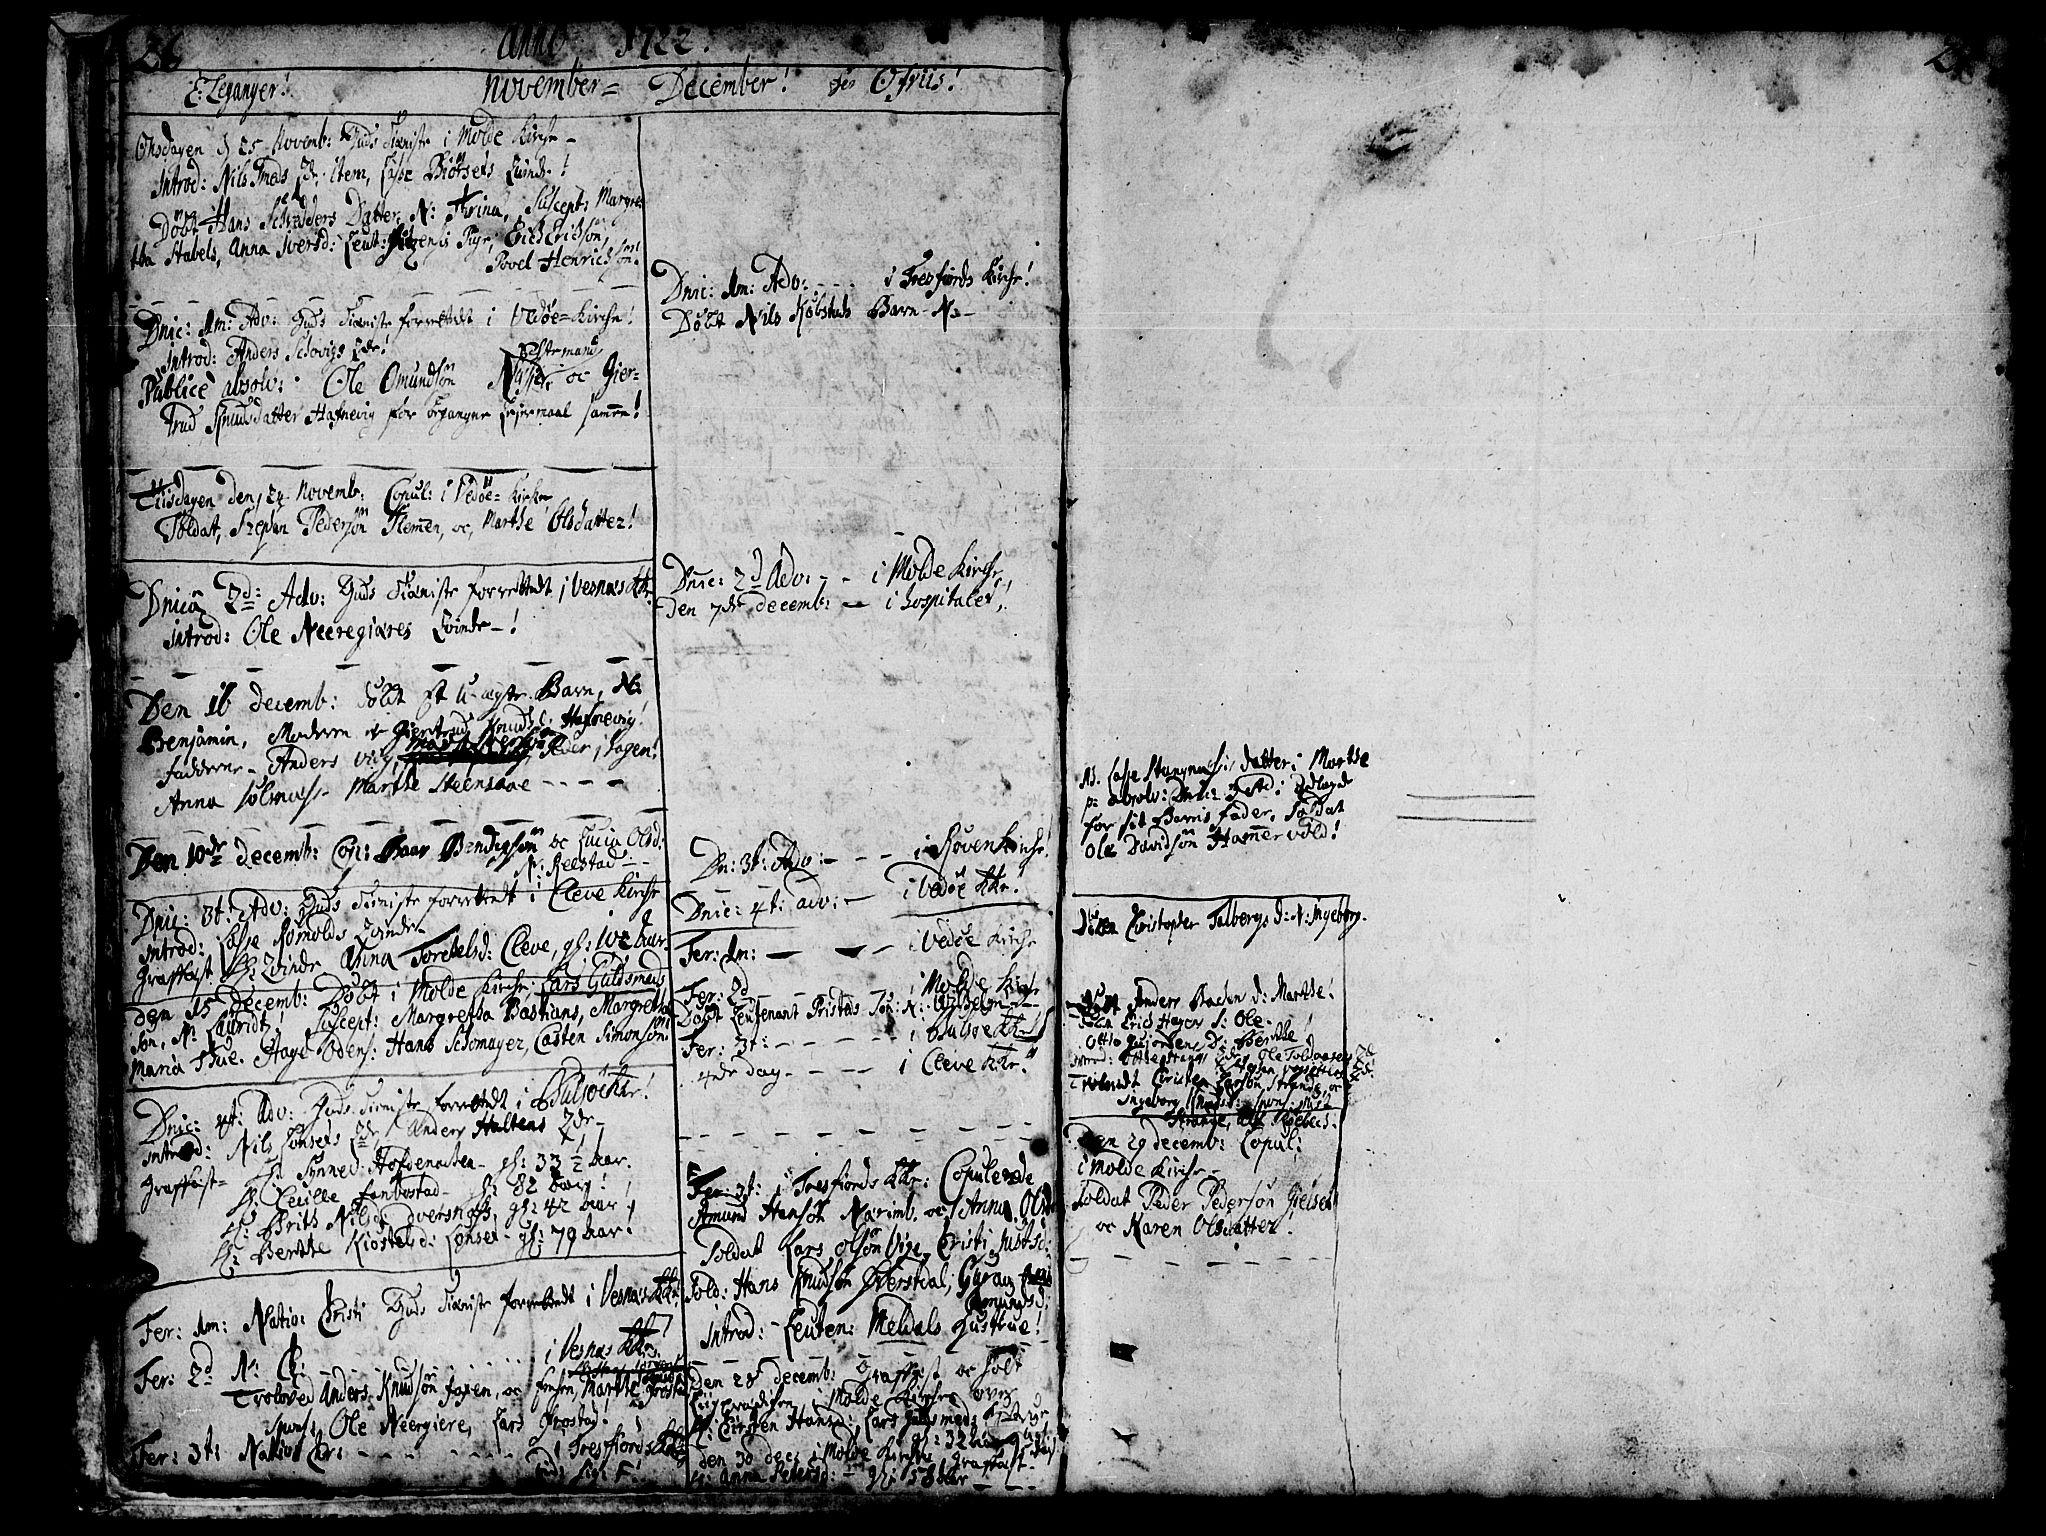 SAT, Ministerialprotokoller, klokkerbøker og fødselsregistre - Møre og Romsdal, 547/L0599: Ministerialbok nr. 547A01, 1721-1764, s. 26-27